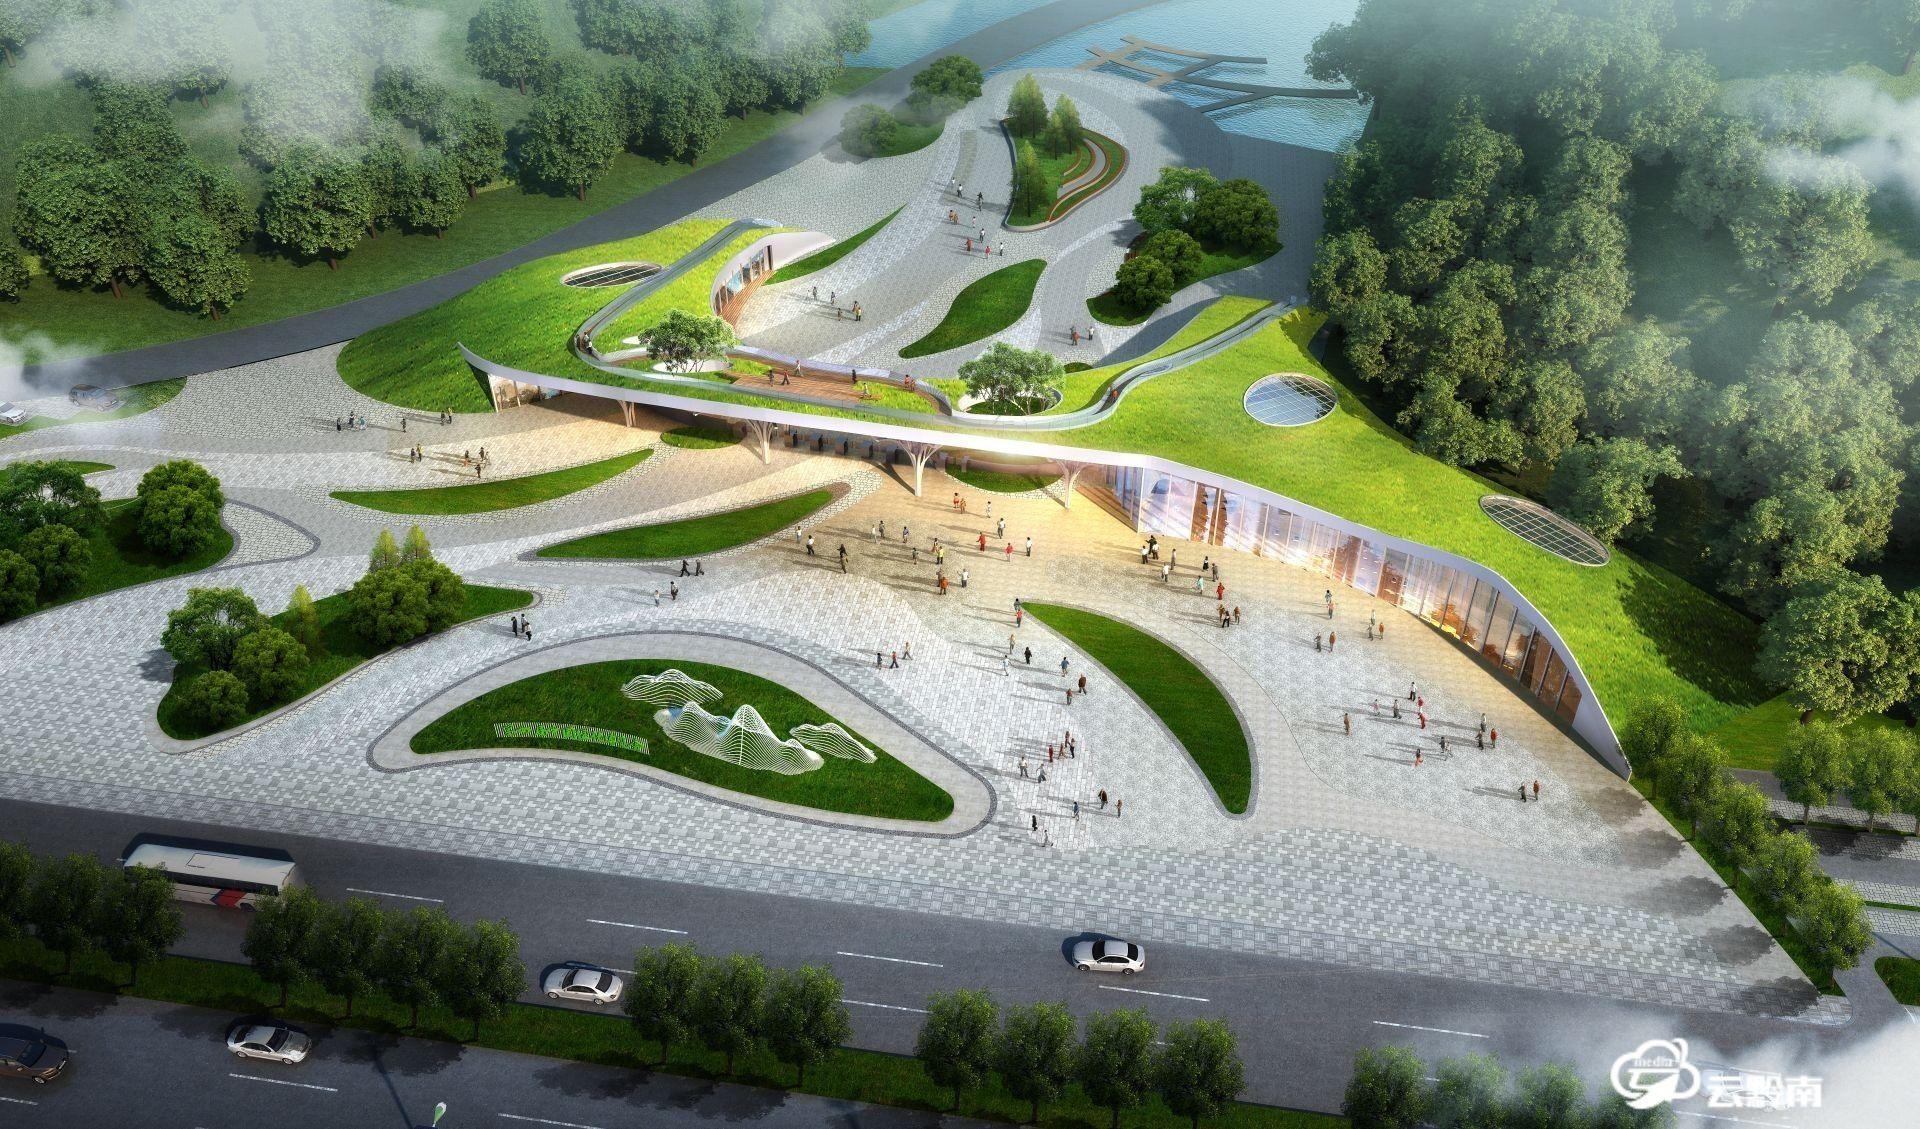 【綠博園建設進行時】我州扎實推進綠博園各主入口建設